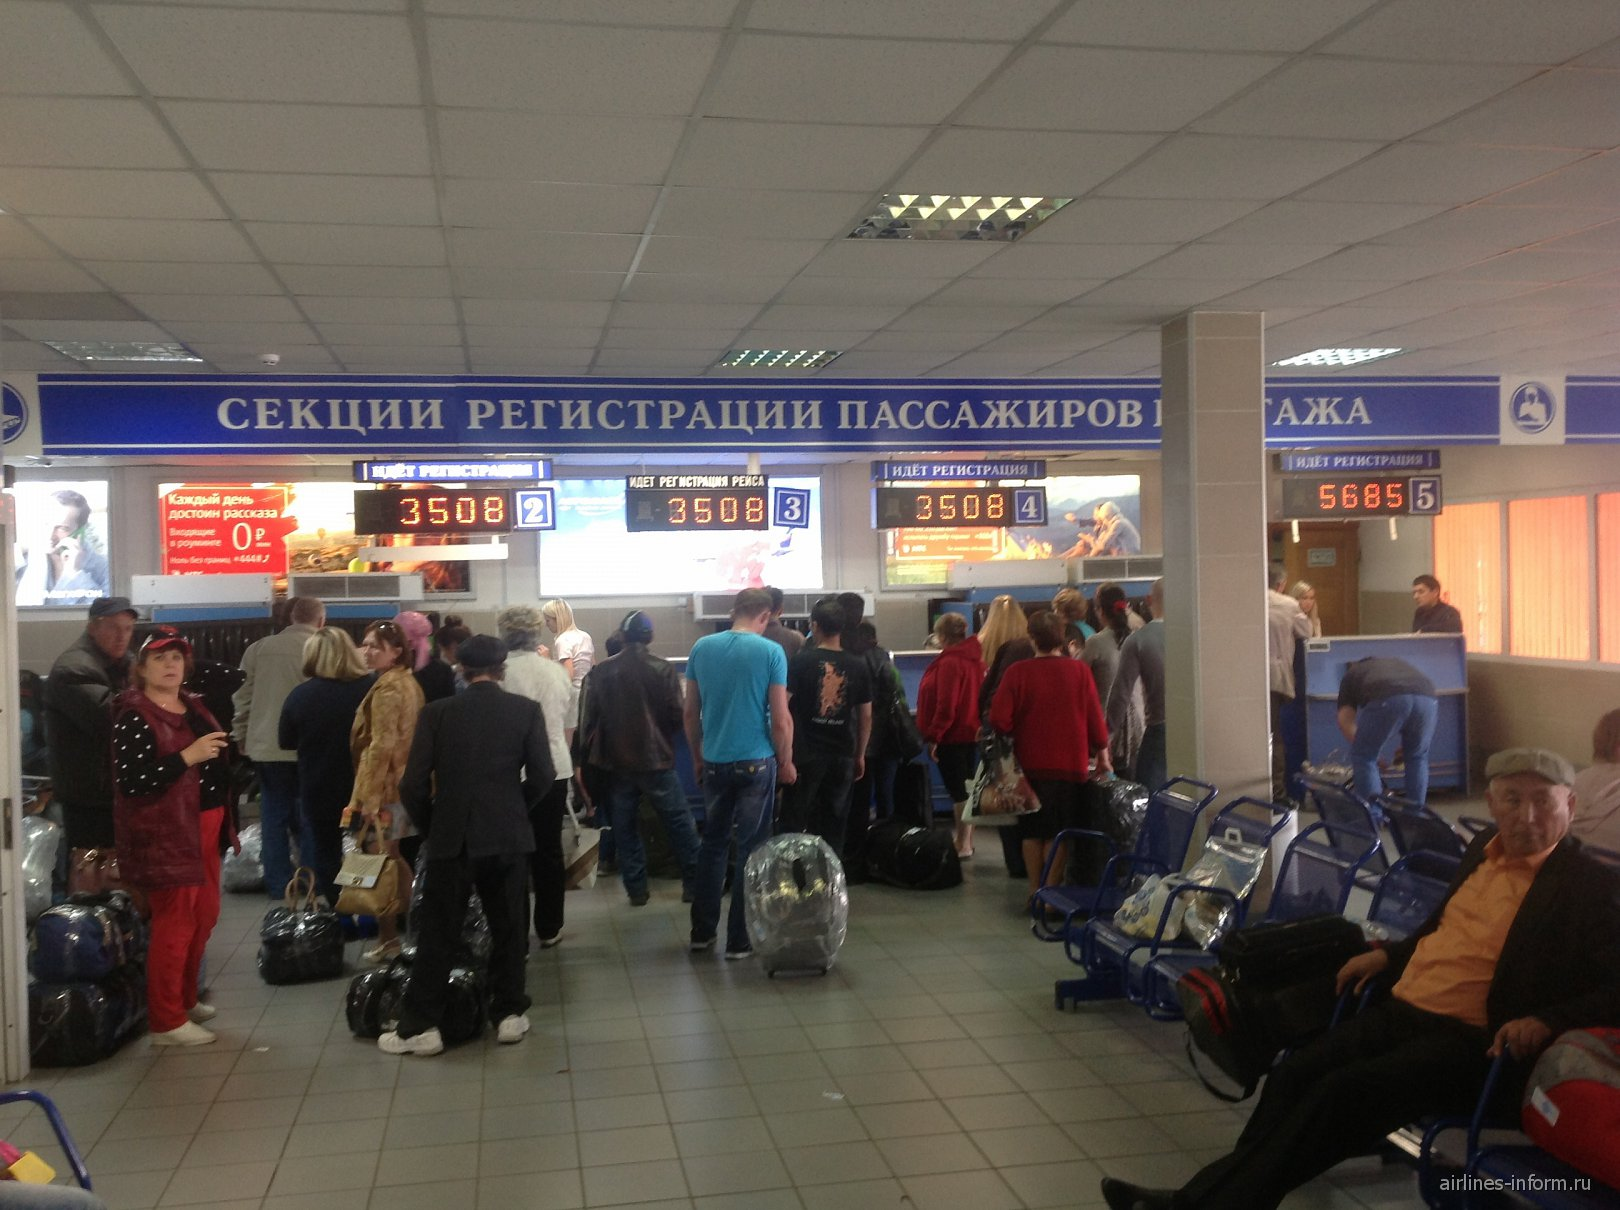 Регистрация на вылеающие рейсы в аэропорту Елизово Петропавловска Камчатского